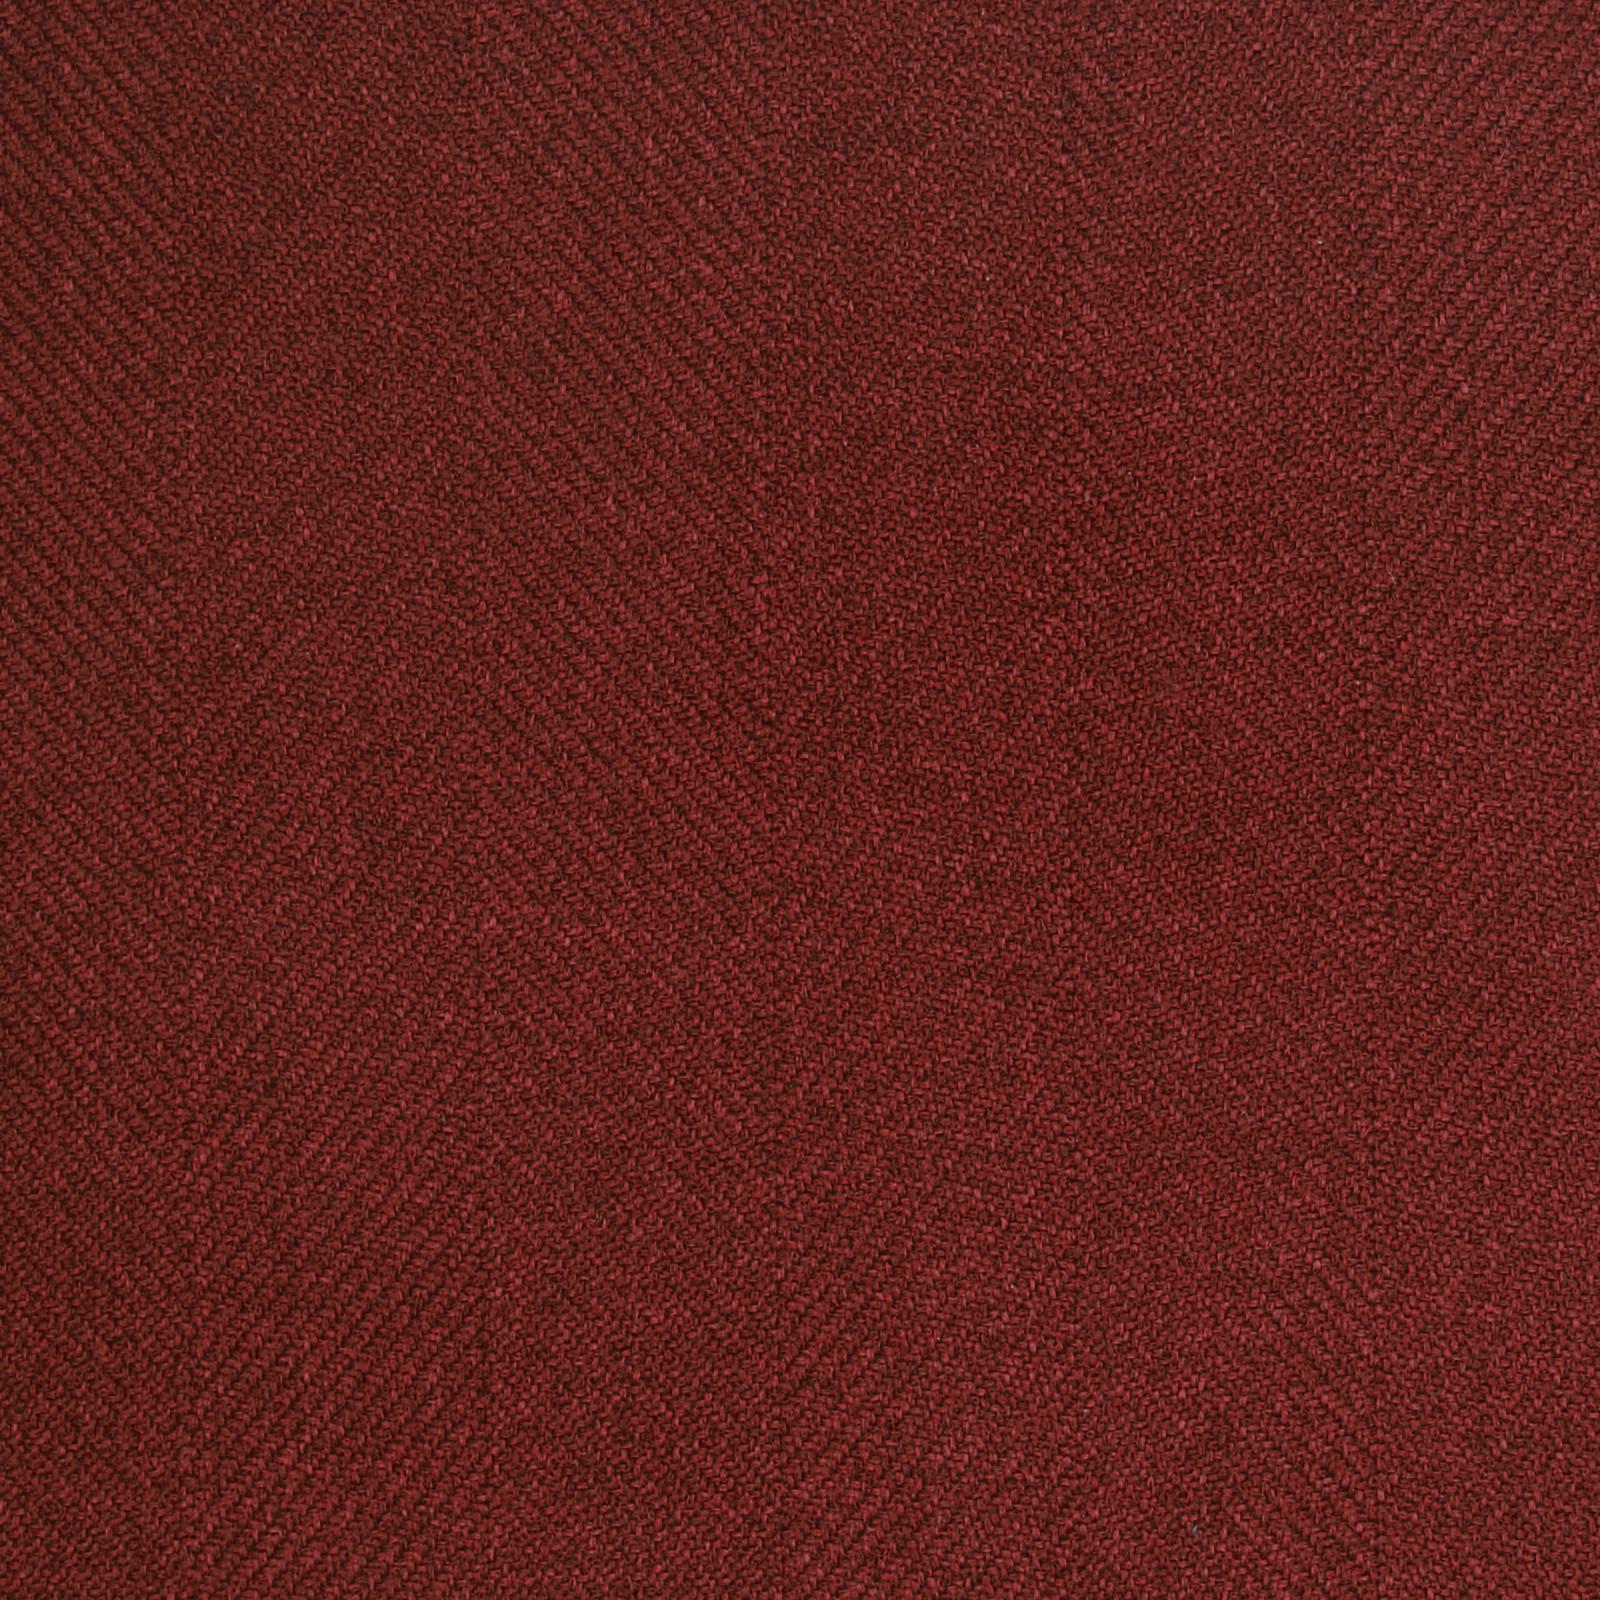 A9046 Sangria Greenhouse Fabrics